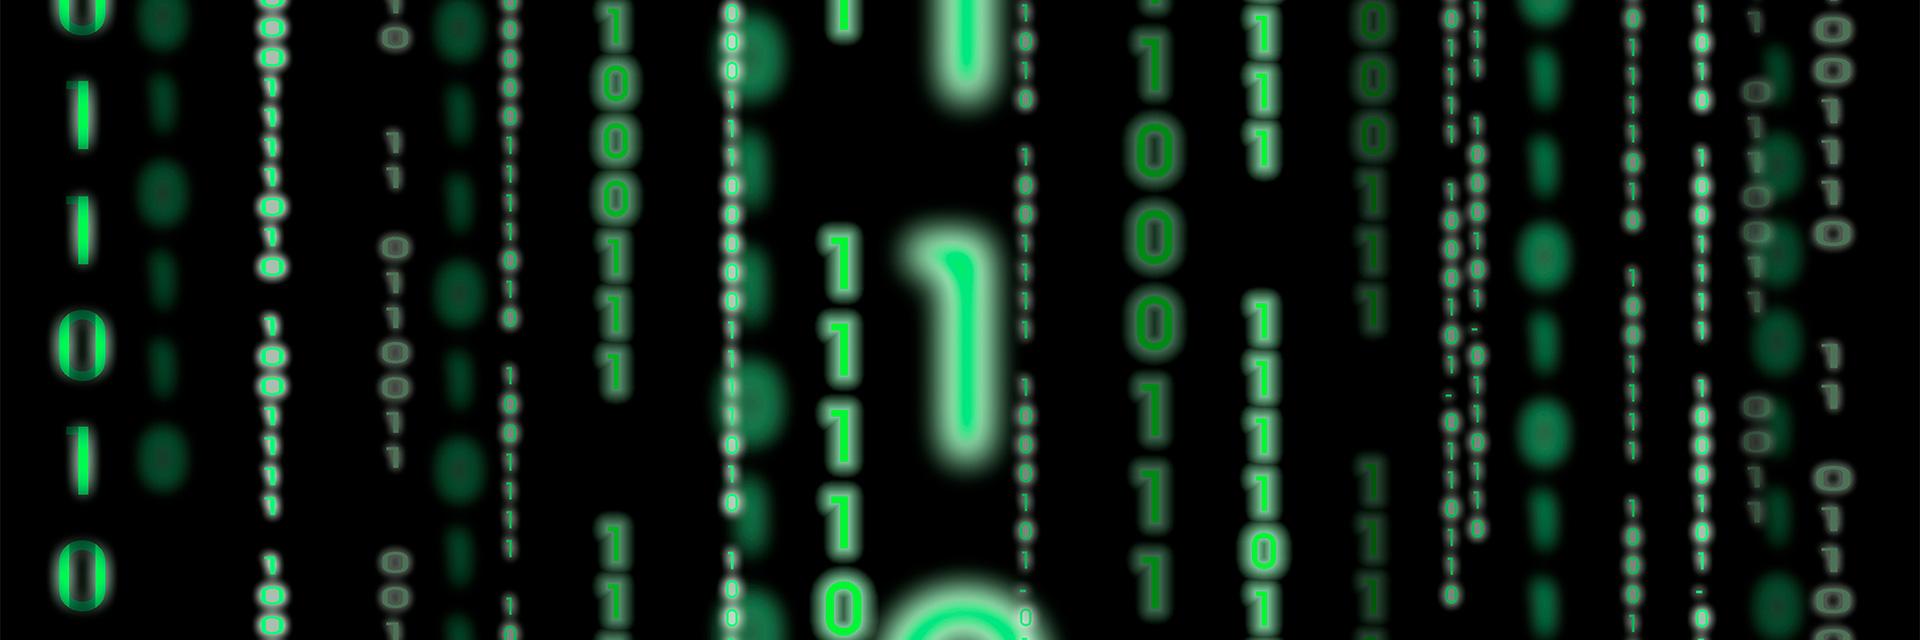 Rust остается наиболее приемлемым языком программистов по версии stack overflow